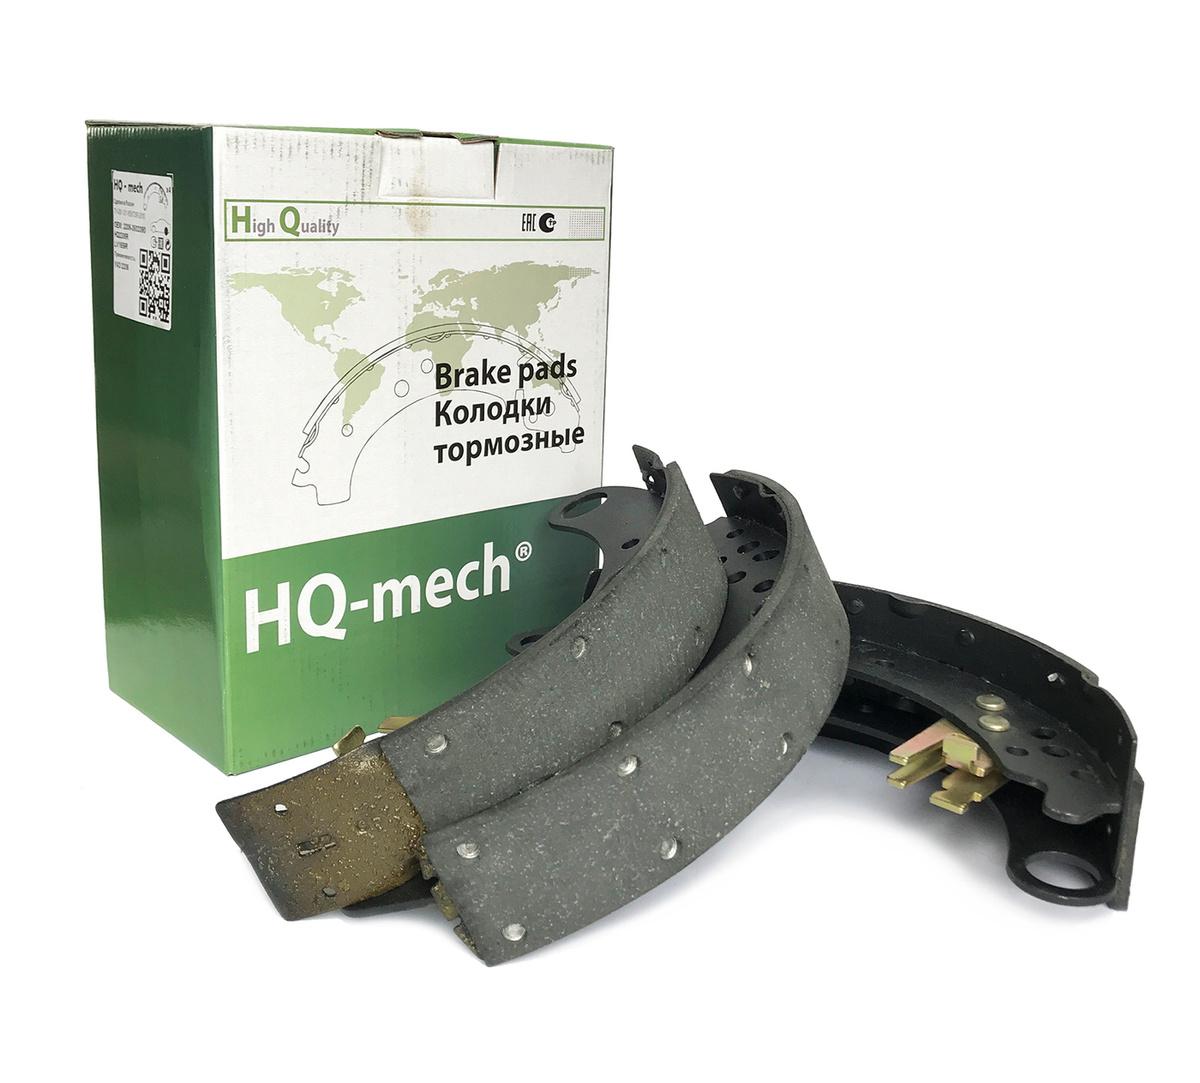 Тормозные колодки дисковые HQ-mech 2206-3502090 задние #1